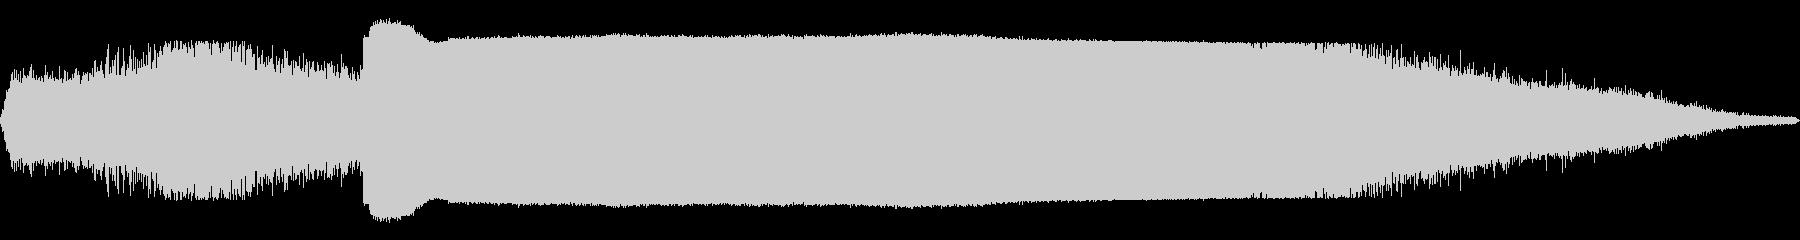 スキルオフの巨人を見たの未再生の波形